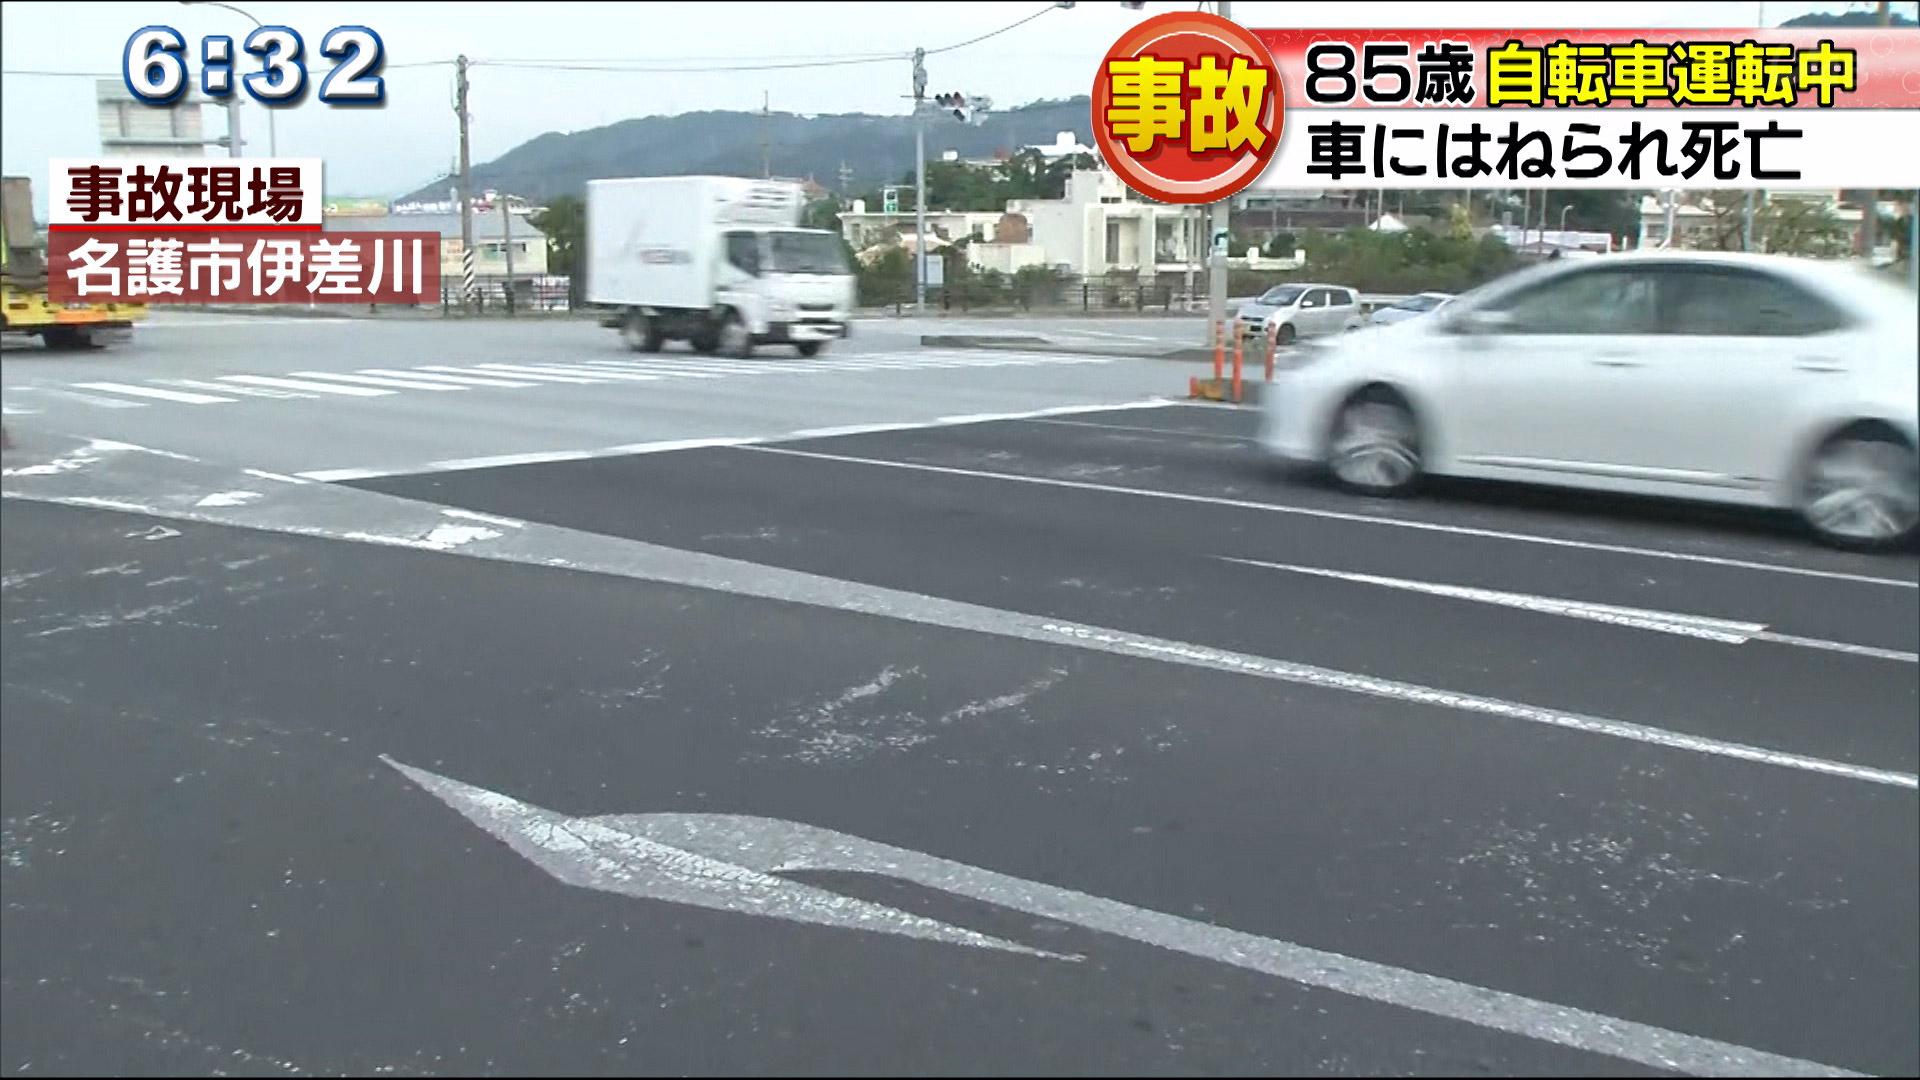 85歳自転車の男性 はねられ死亡